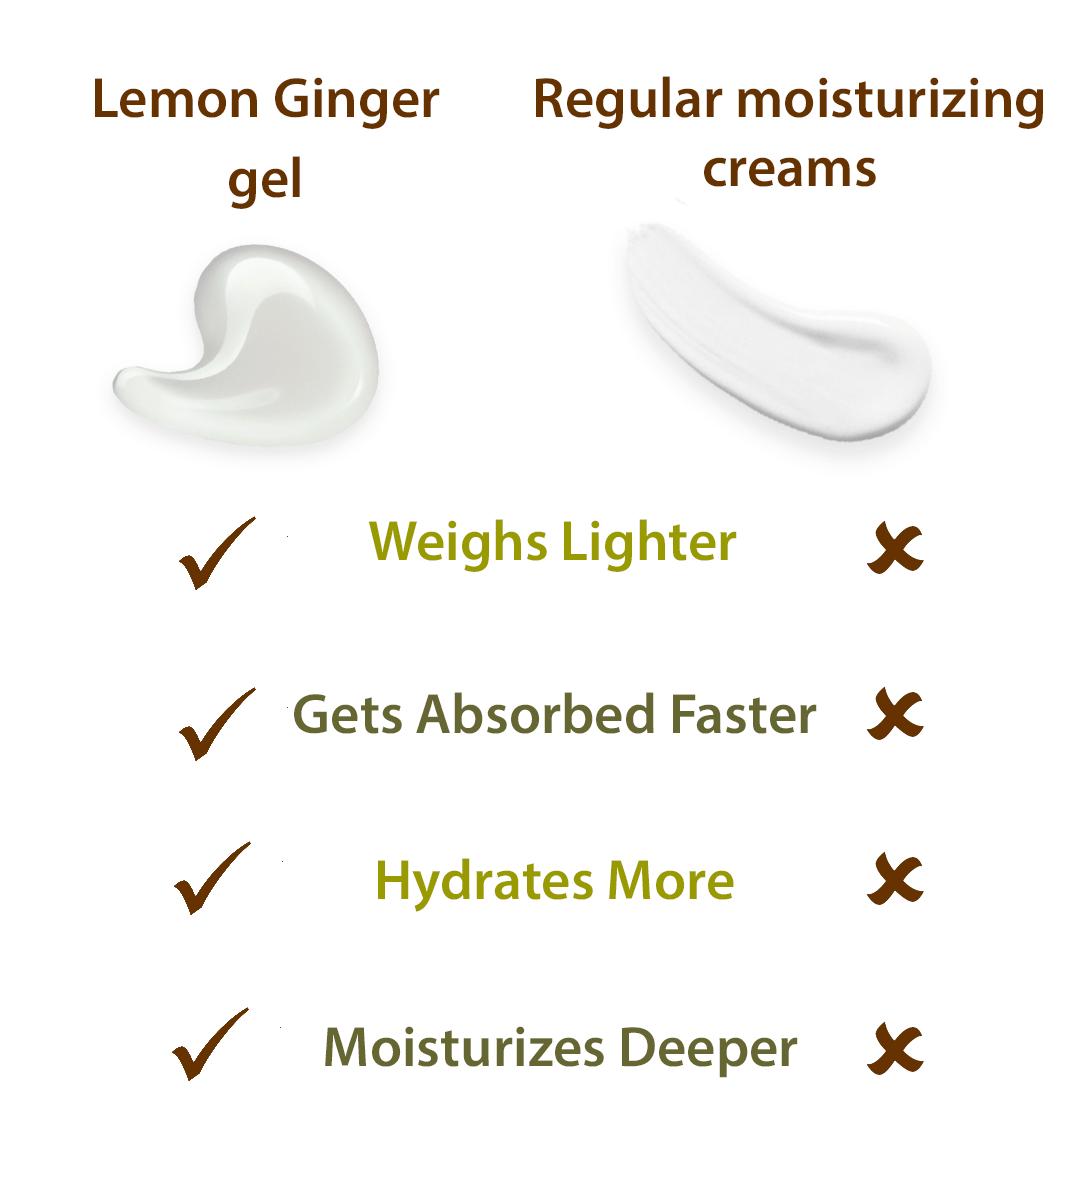 Ajara Lemon Ginger Moisture Gel for sensitive, acne-prone skin